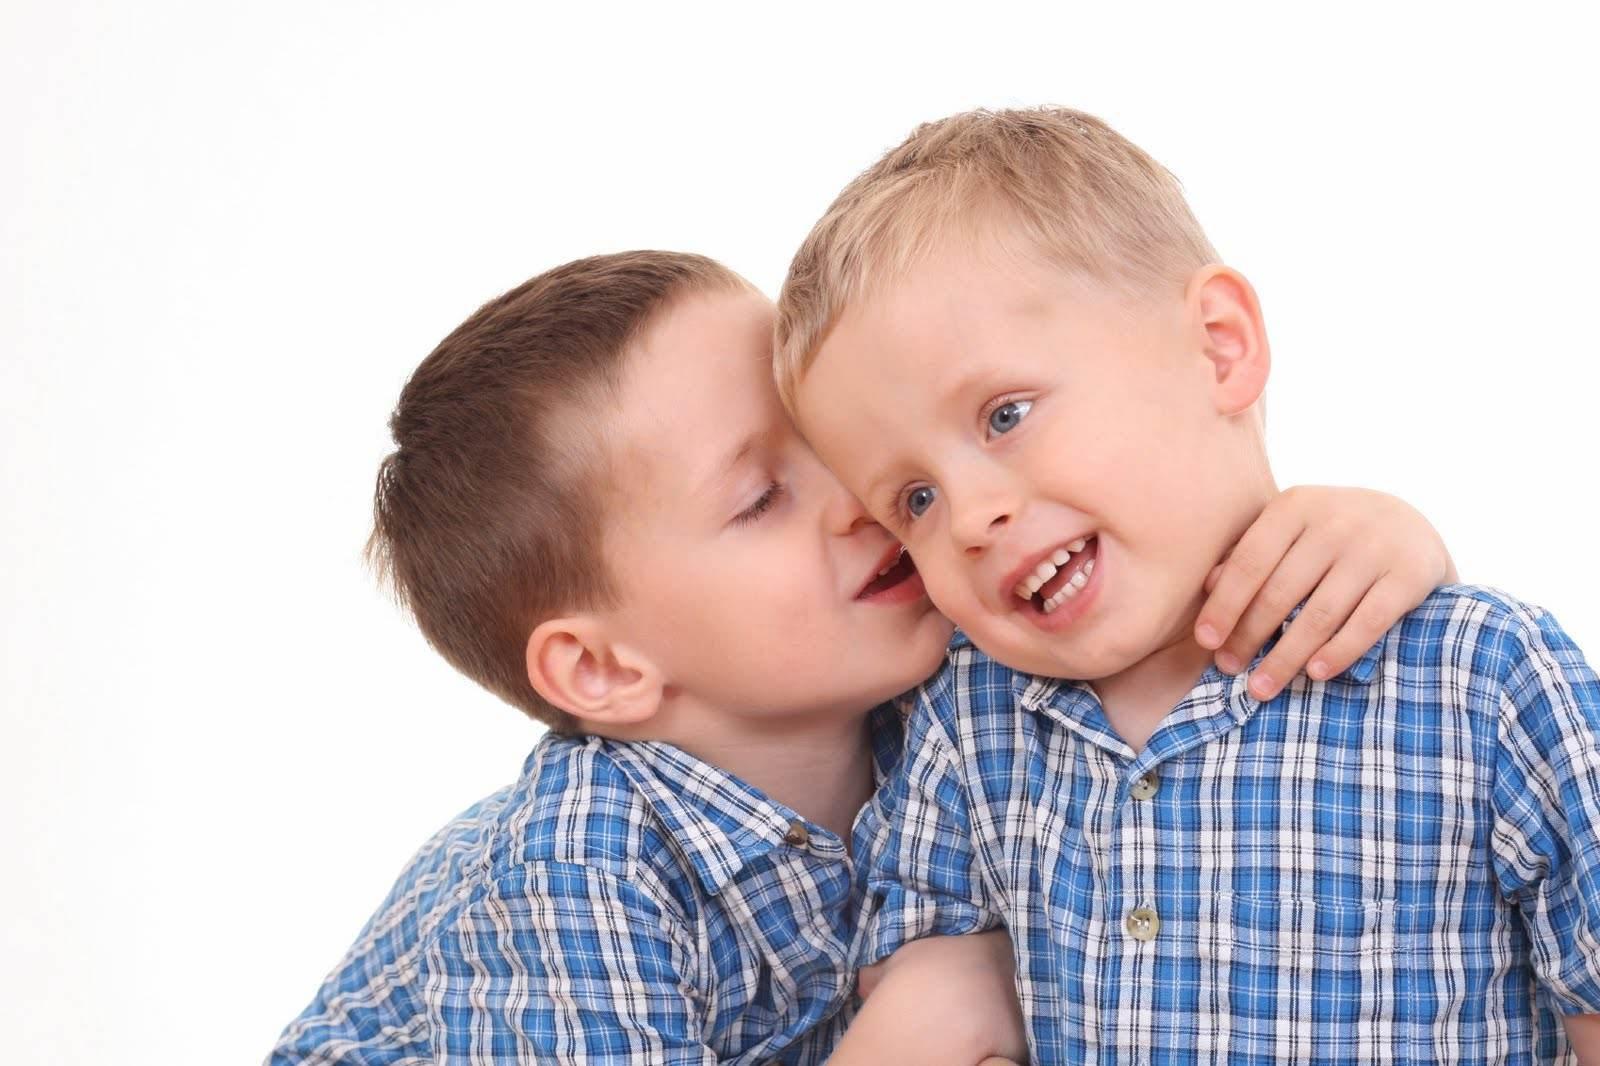 copii care vorbesc (http://4.bp.blogspot.com)